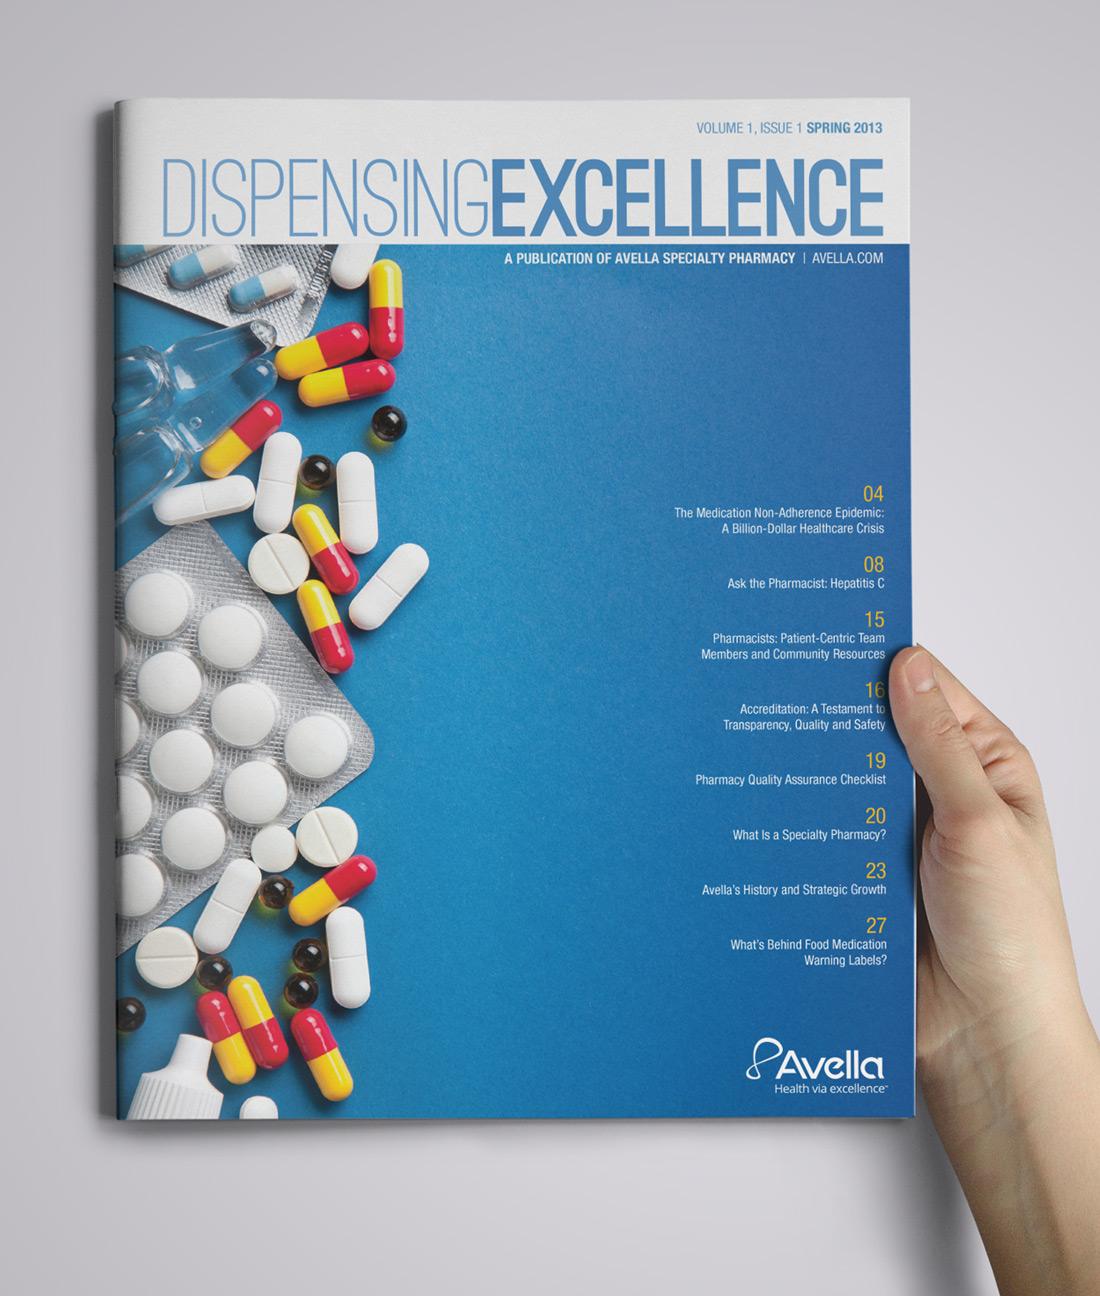 Brian_Leach-Dispensing_Excellence-06.jpg